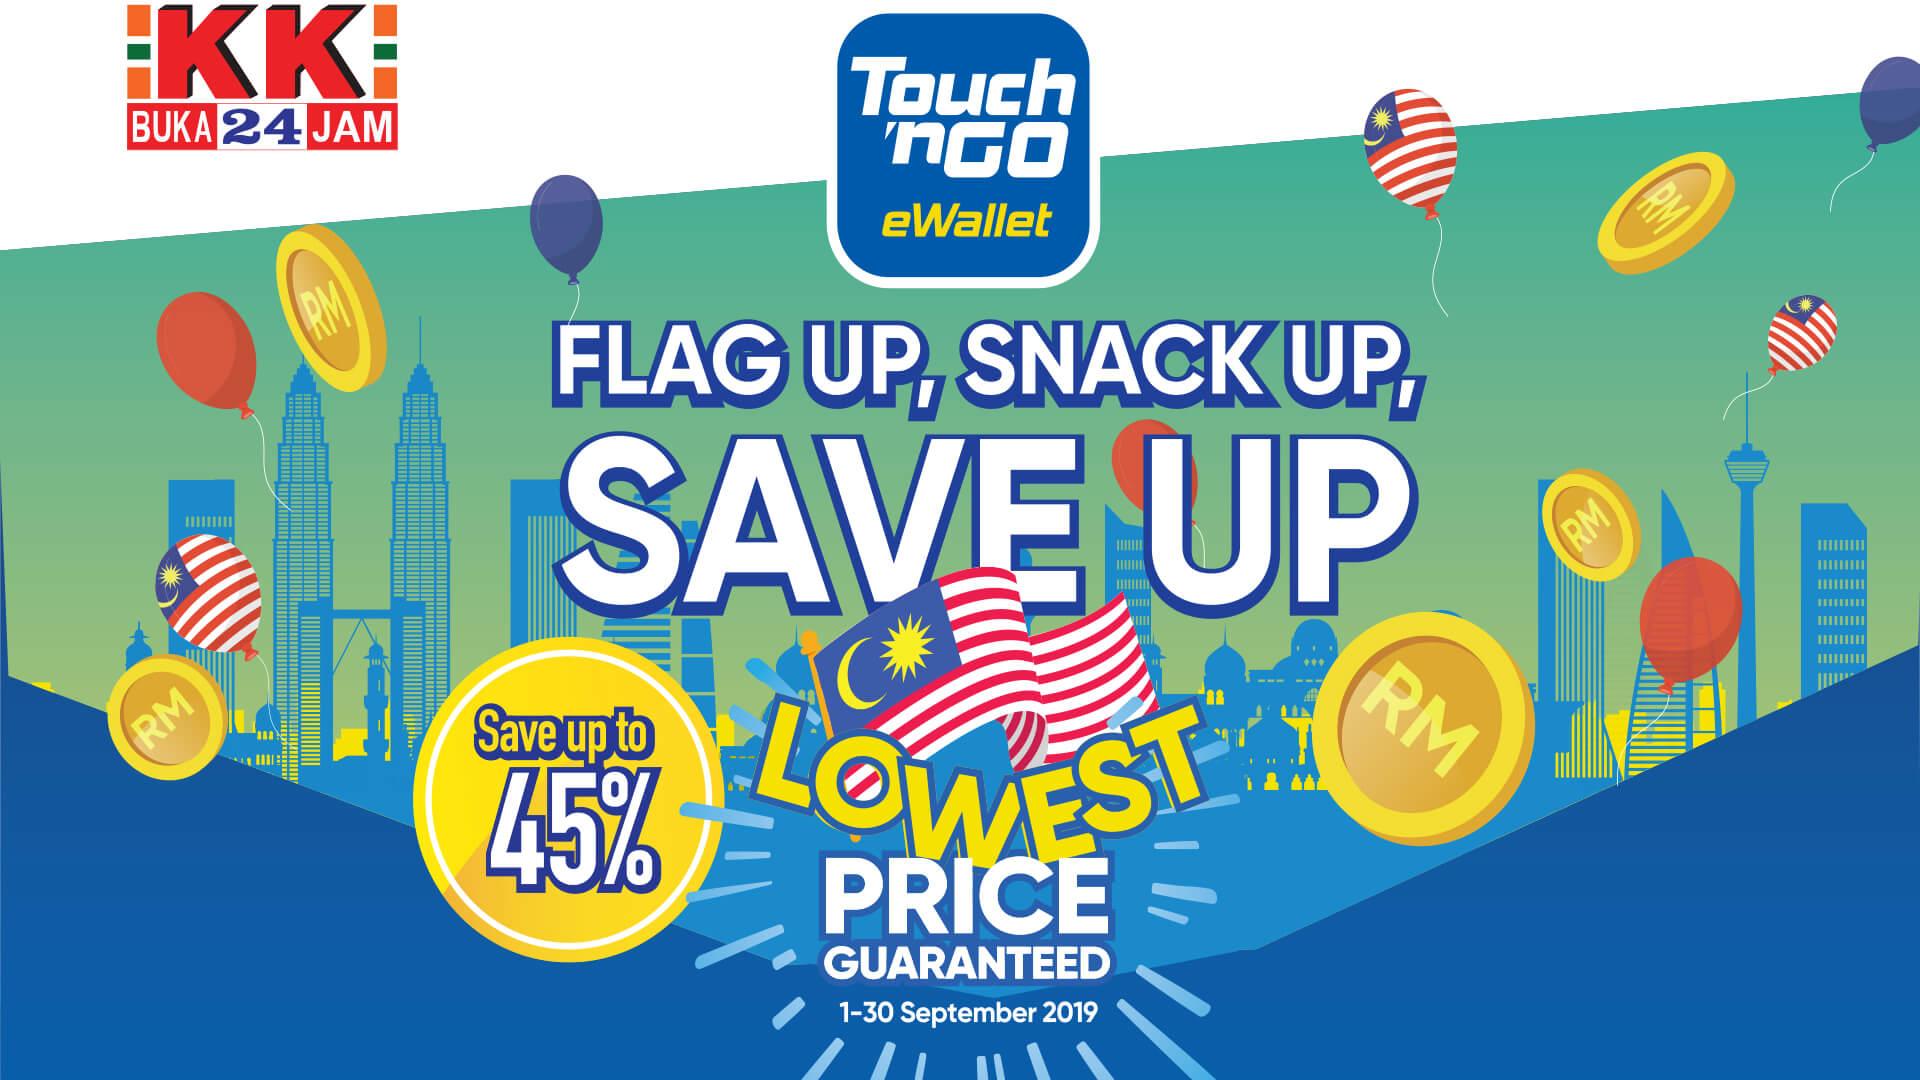 KK SUPER MART – Flag Up, Snack Up, Save Up Campaign